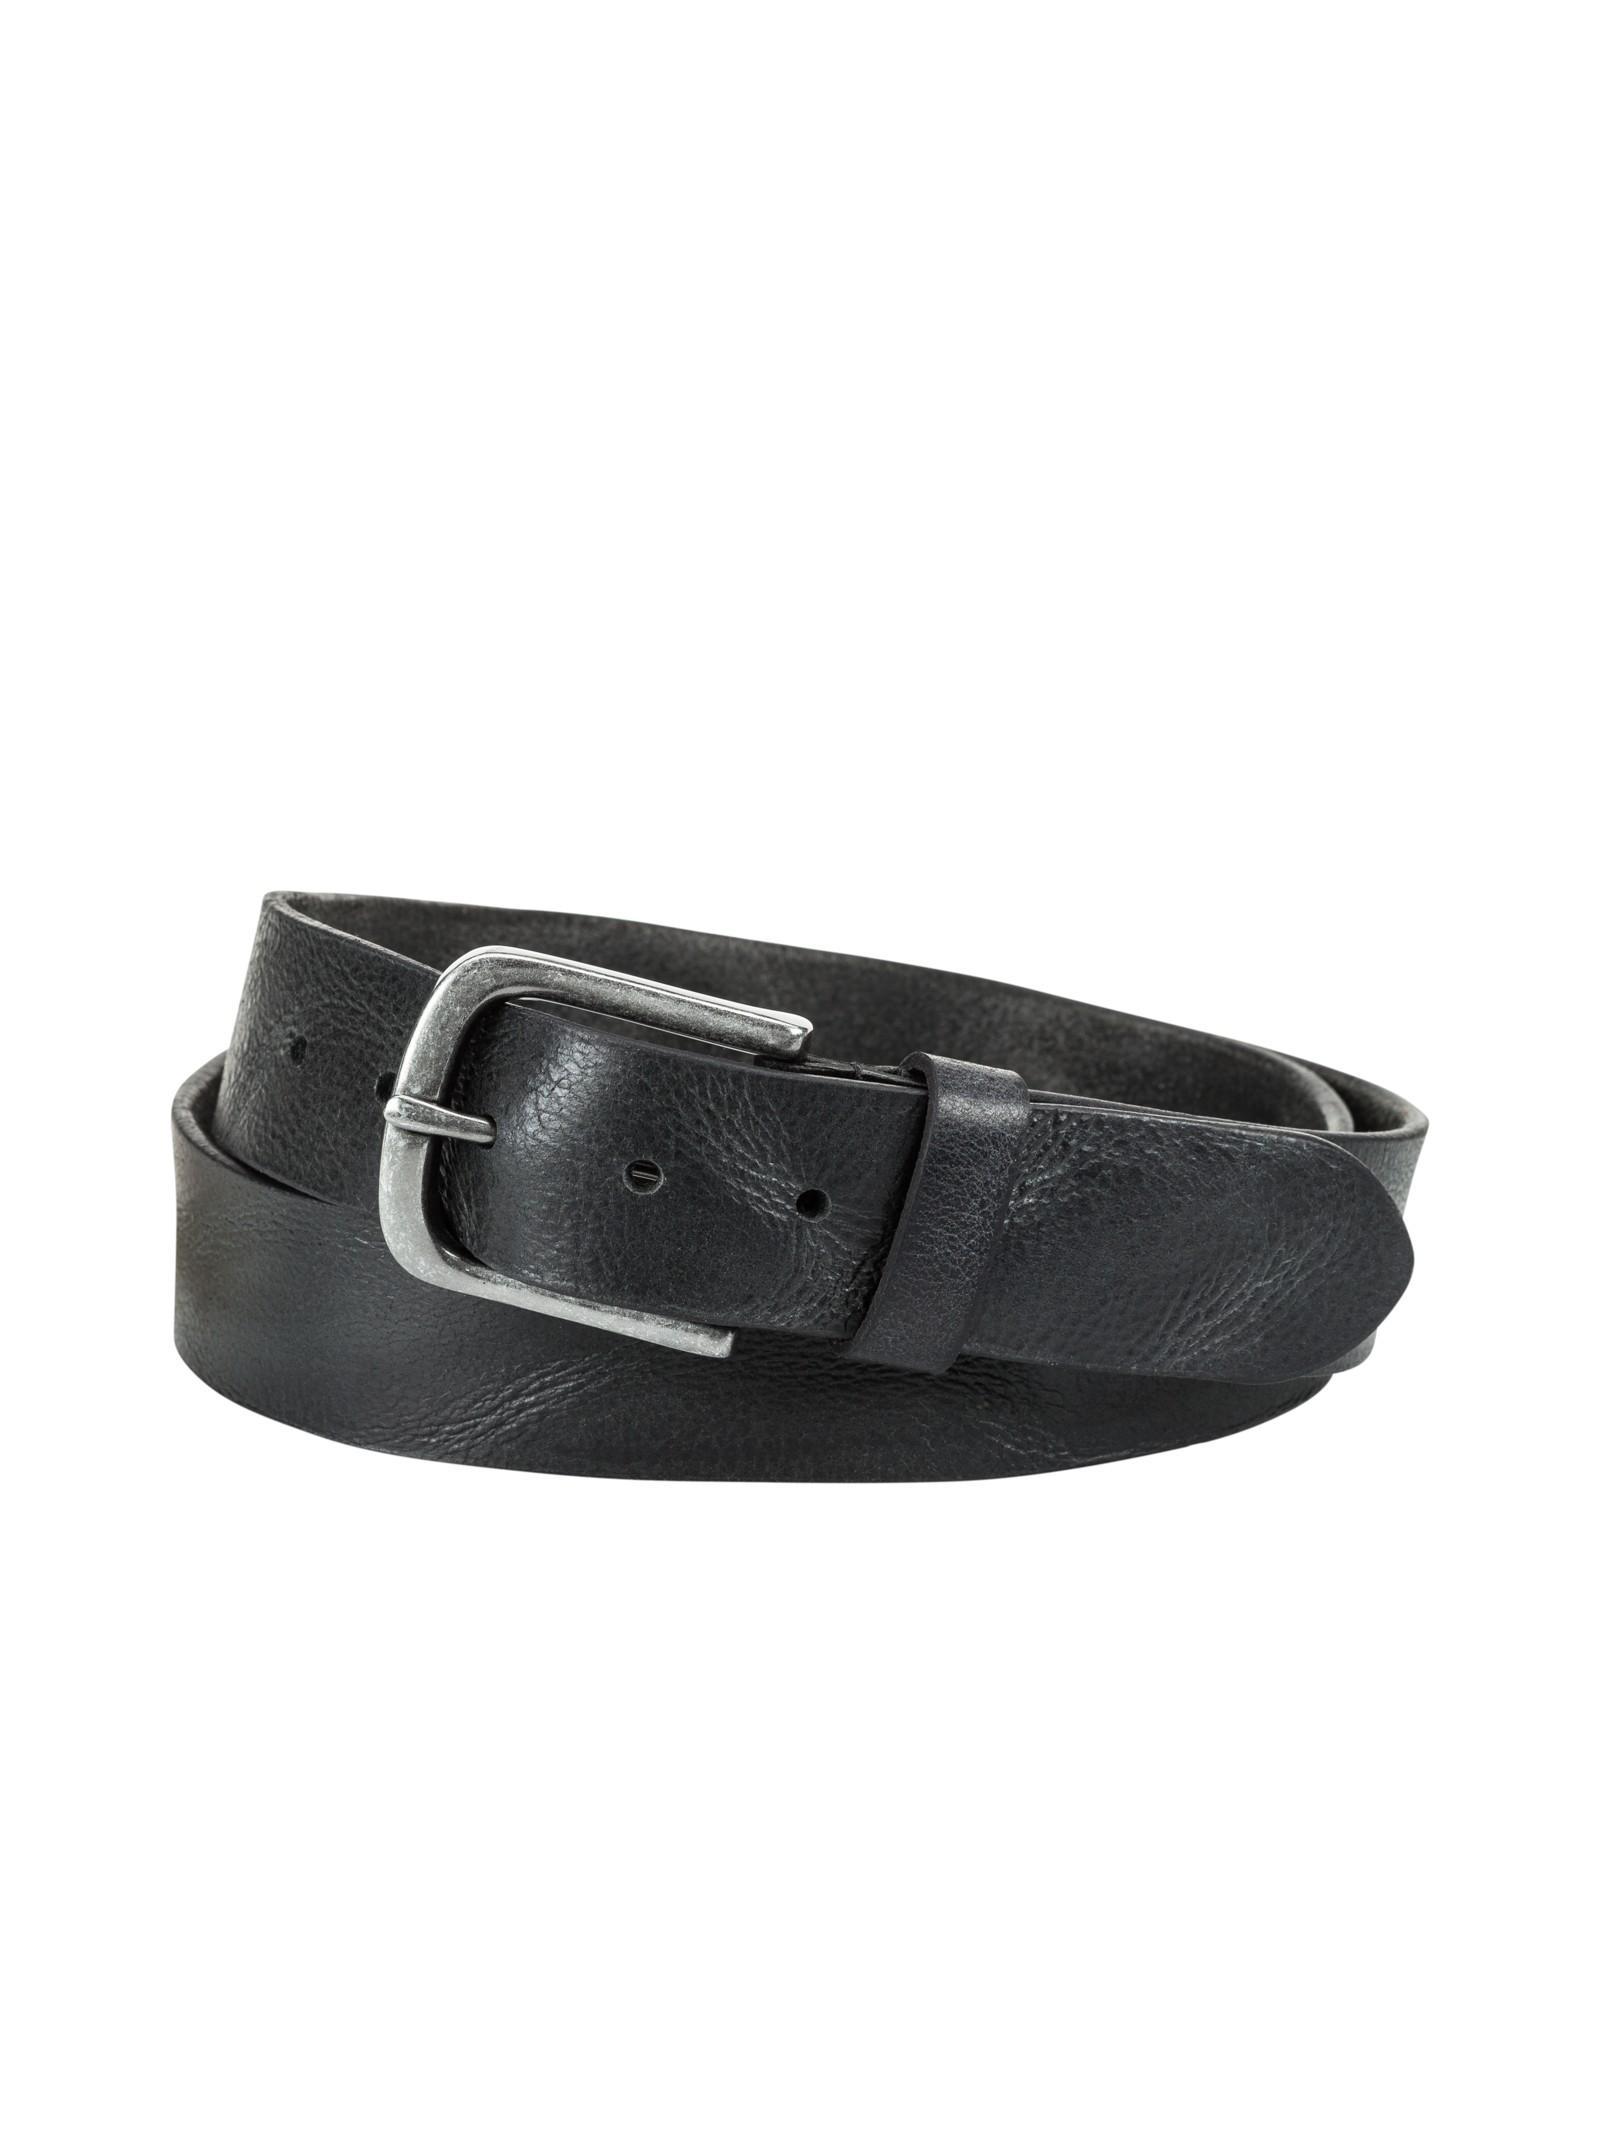 Artikel klicken und genauer betrachten! - Details: - Breite: ca. 4 cm - Used-Look - Dornschließe Material: - Oberstoff: Echtes Leder | im Online Shop kaufen